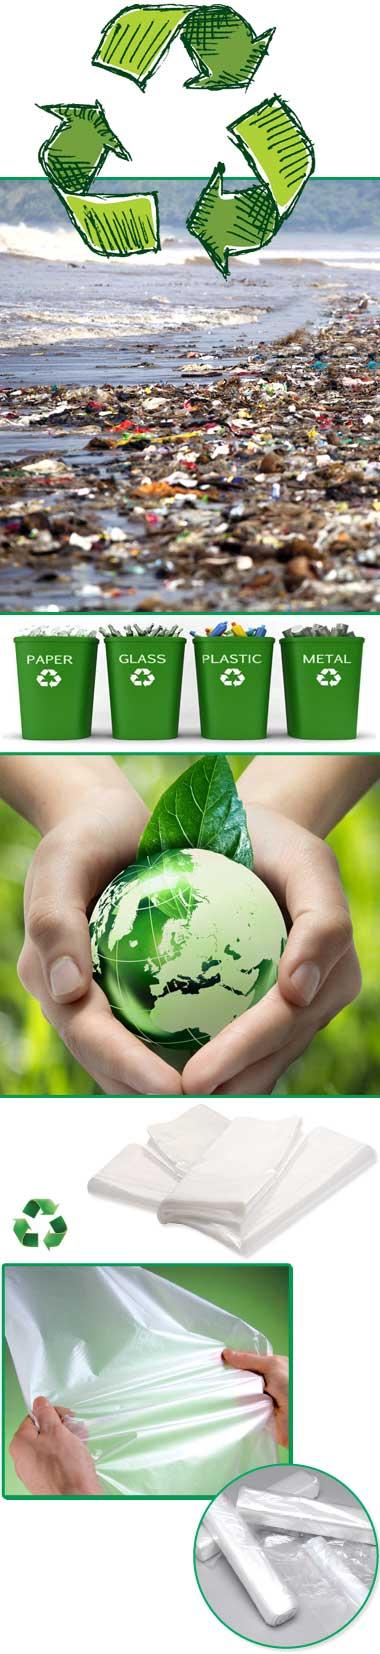 Plastik i miljøet